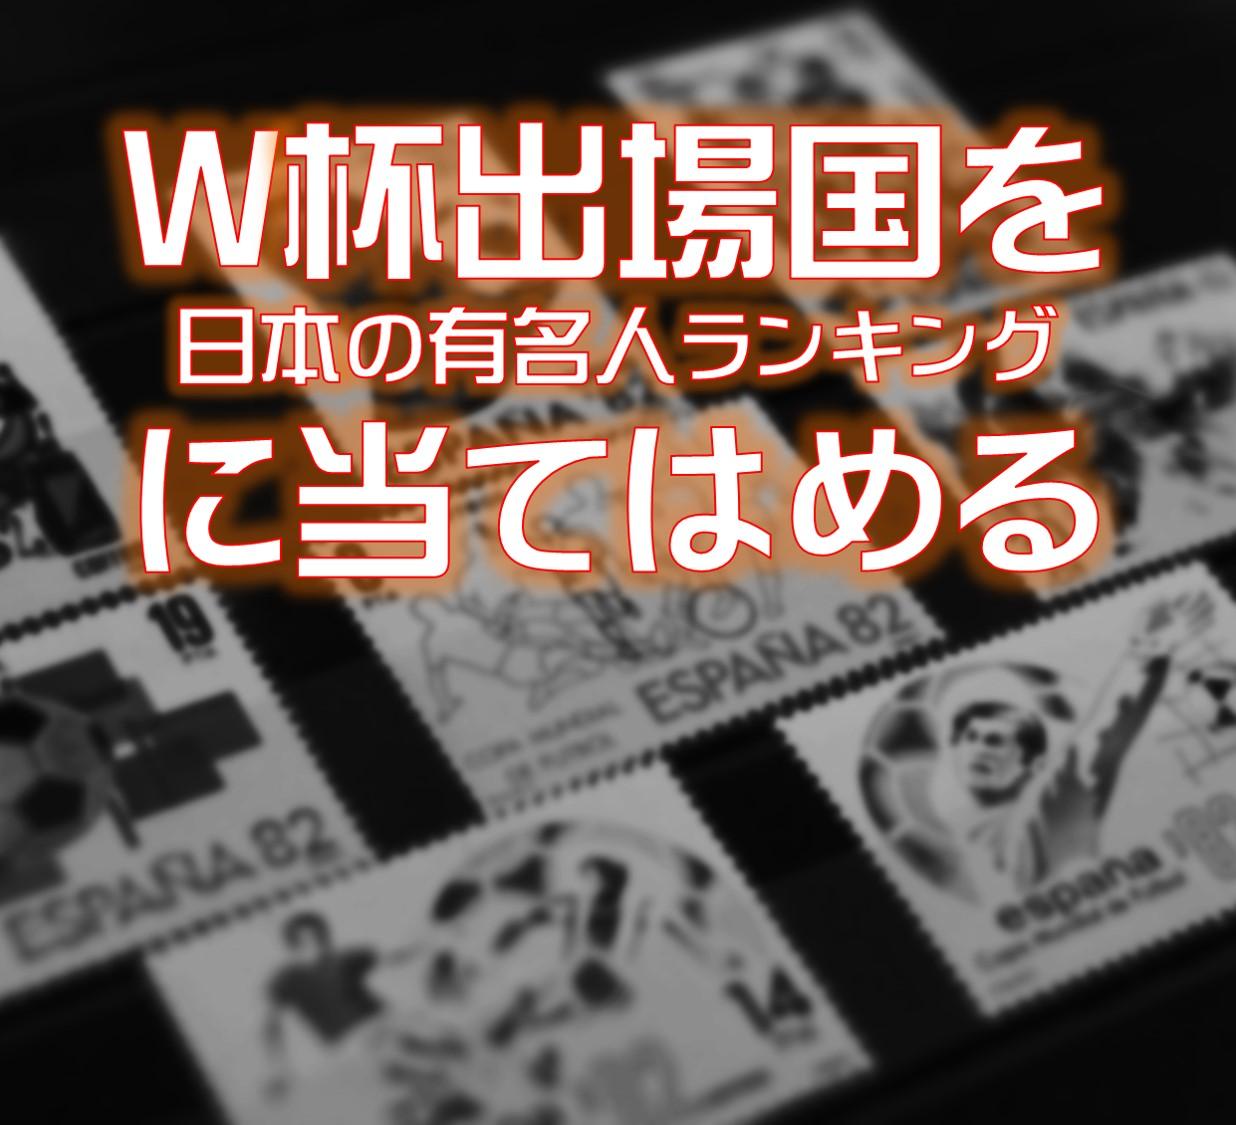 W杯出場国を「日本の有名人ランク」に当てはめると日本代表も勝てる気がしてきた